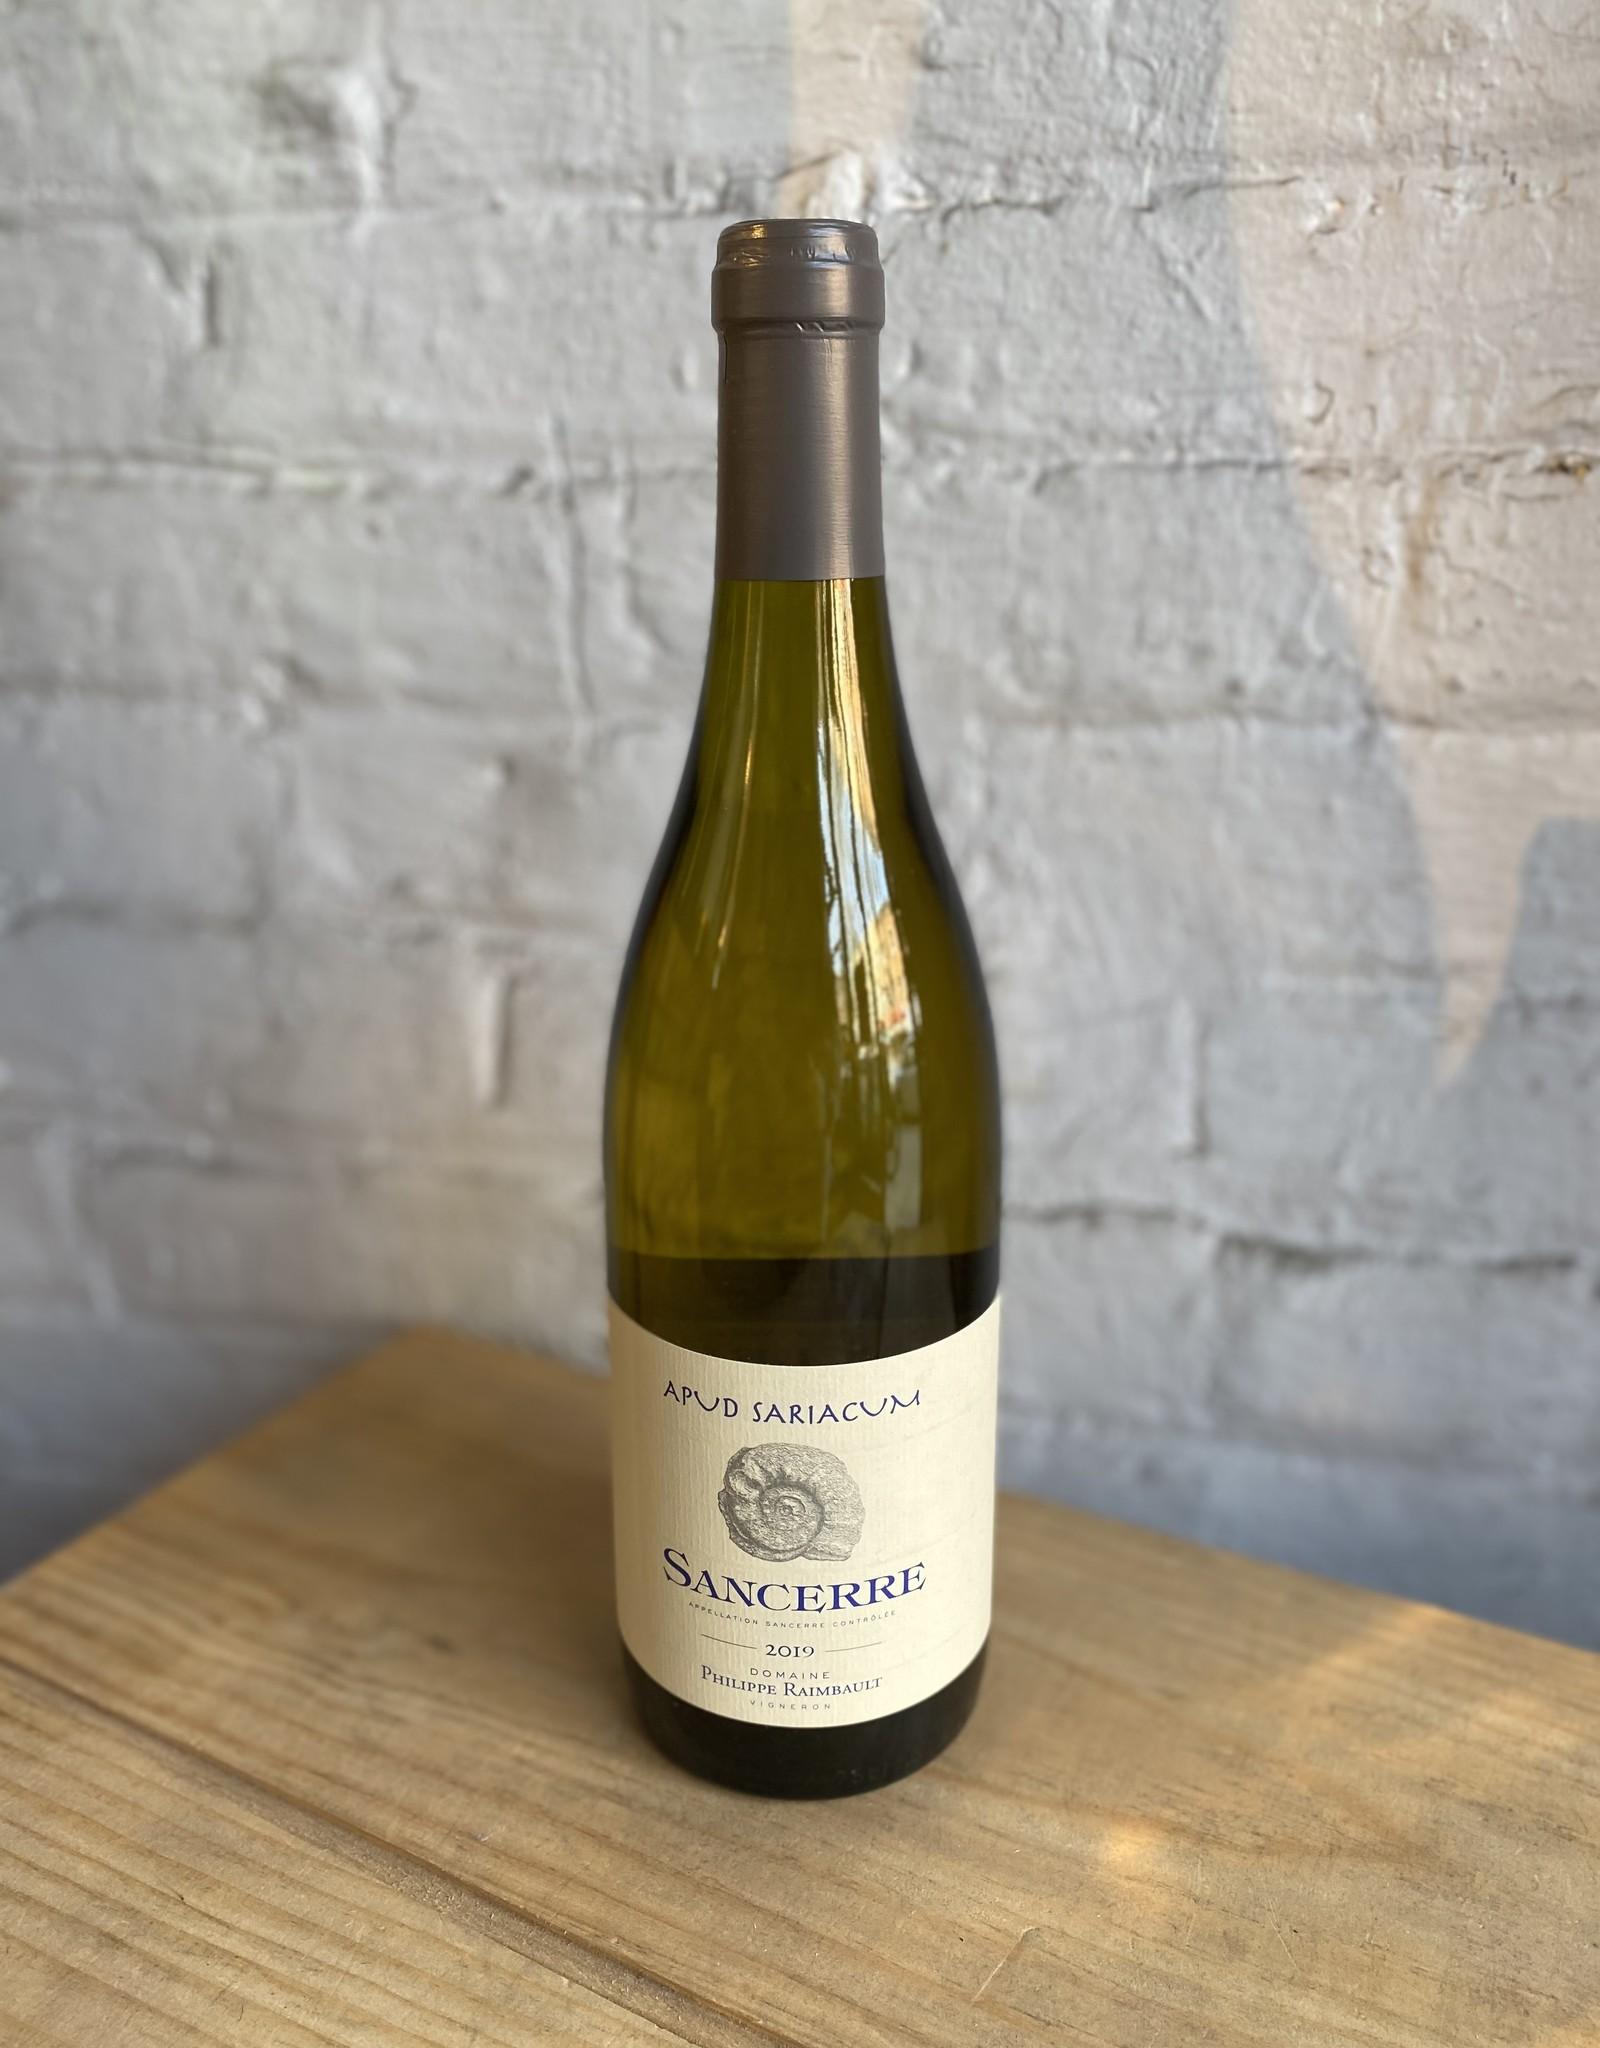 Wine 2019 Philippe Raimbault Apud Sariacum Sancerre - Loire Valley, France (750ml)